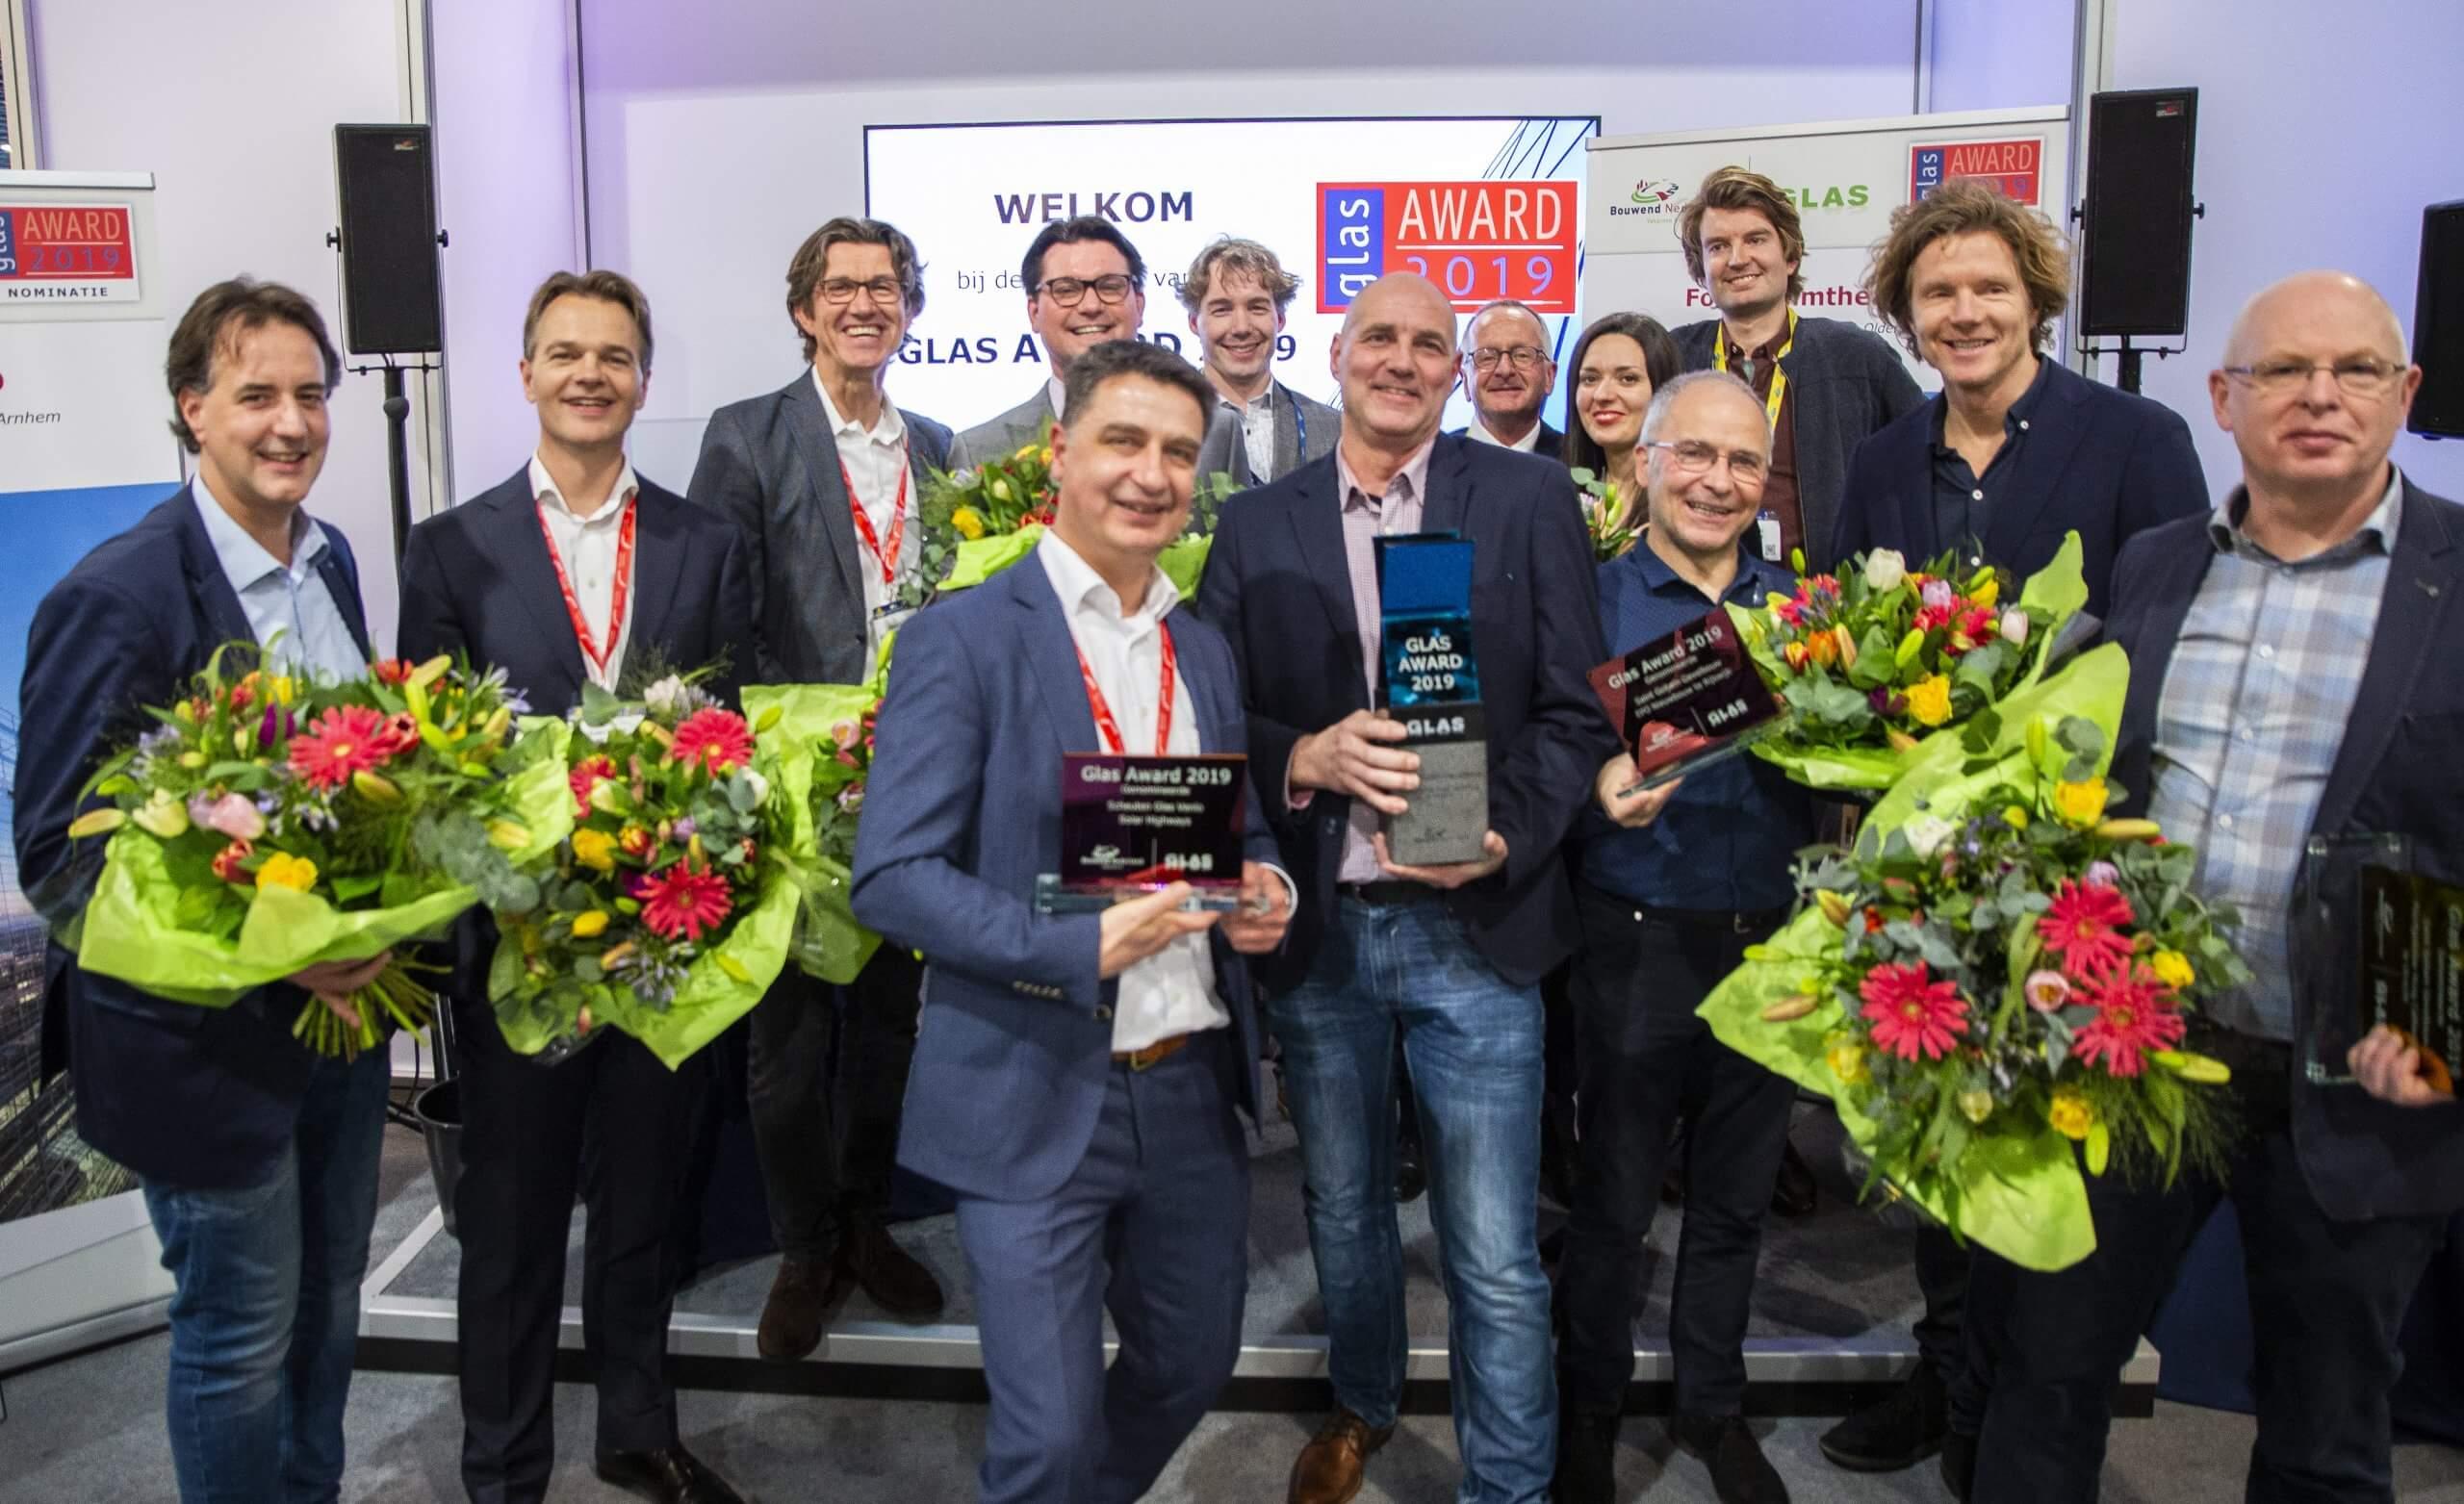 Uitreiking Glas Award verzet naar 16 september tijdens BouwBeurs